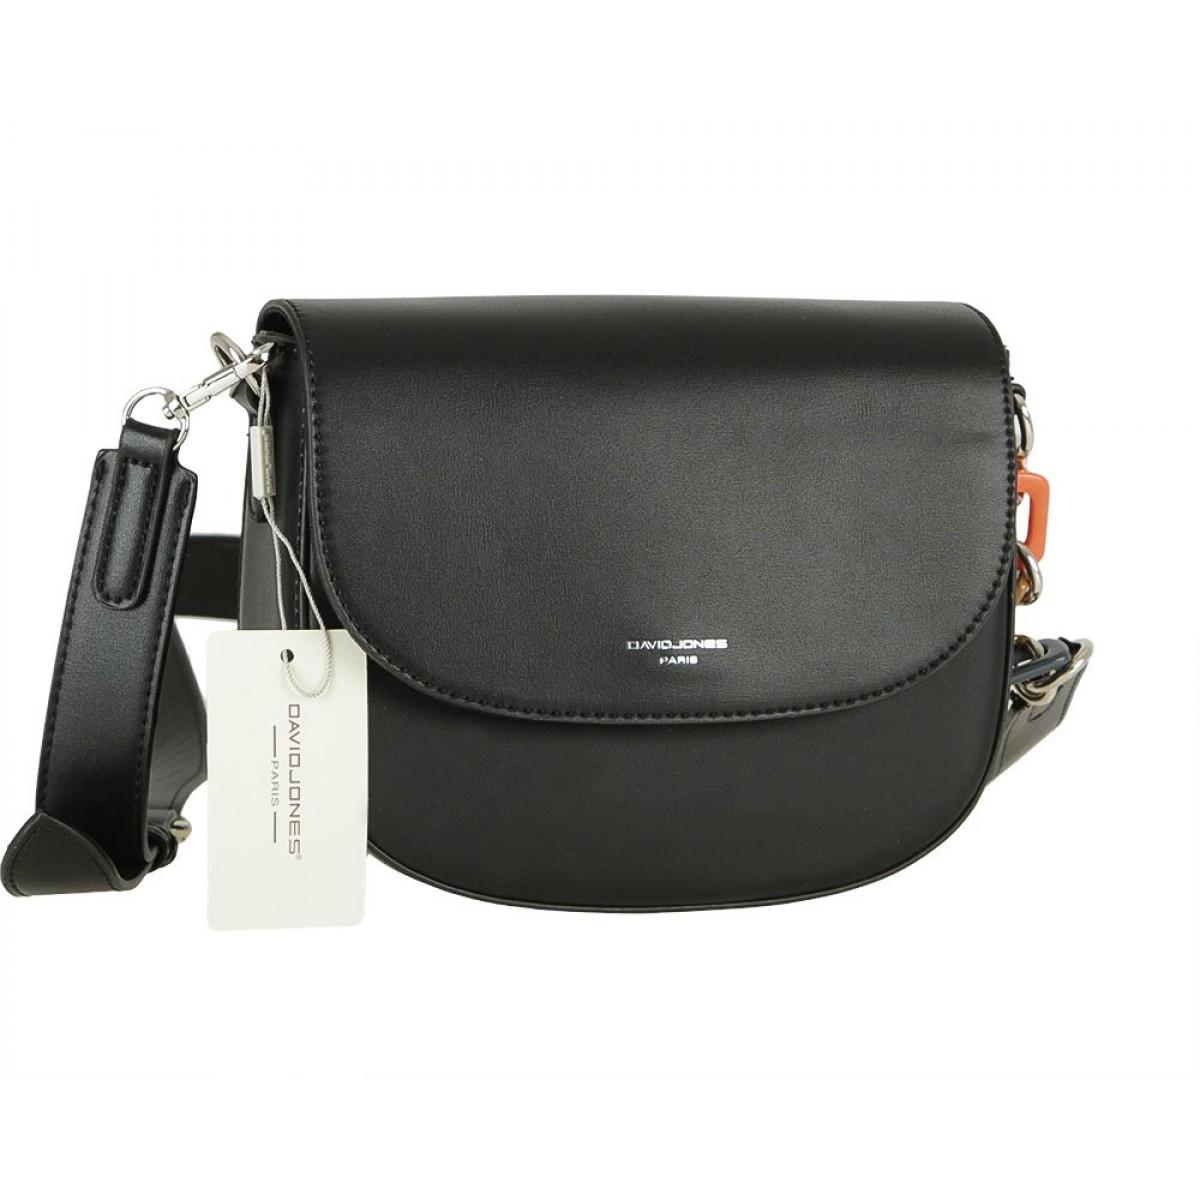 Жіноча сумка David Jones 6408-1 BLACK